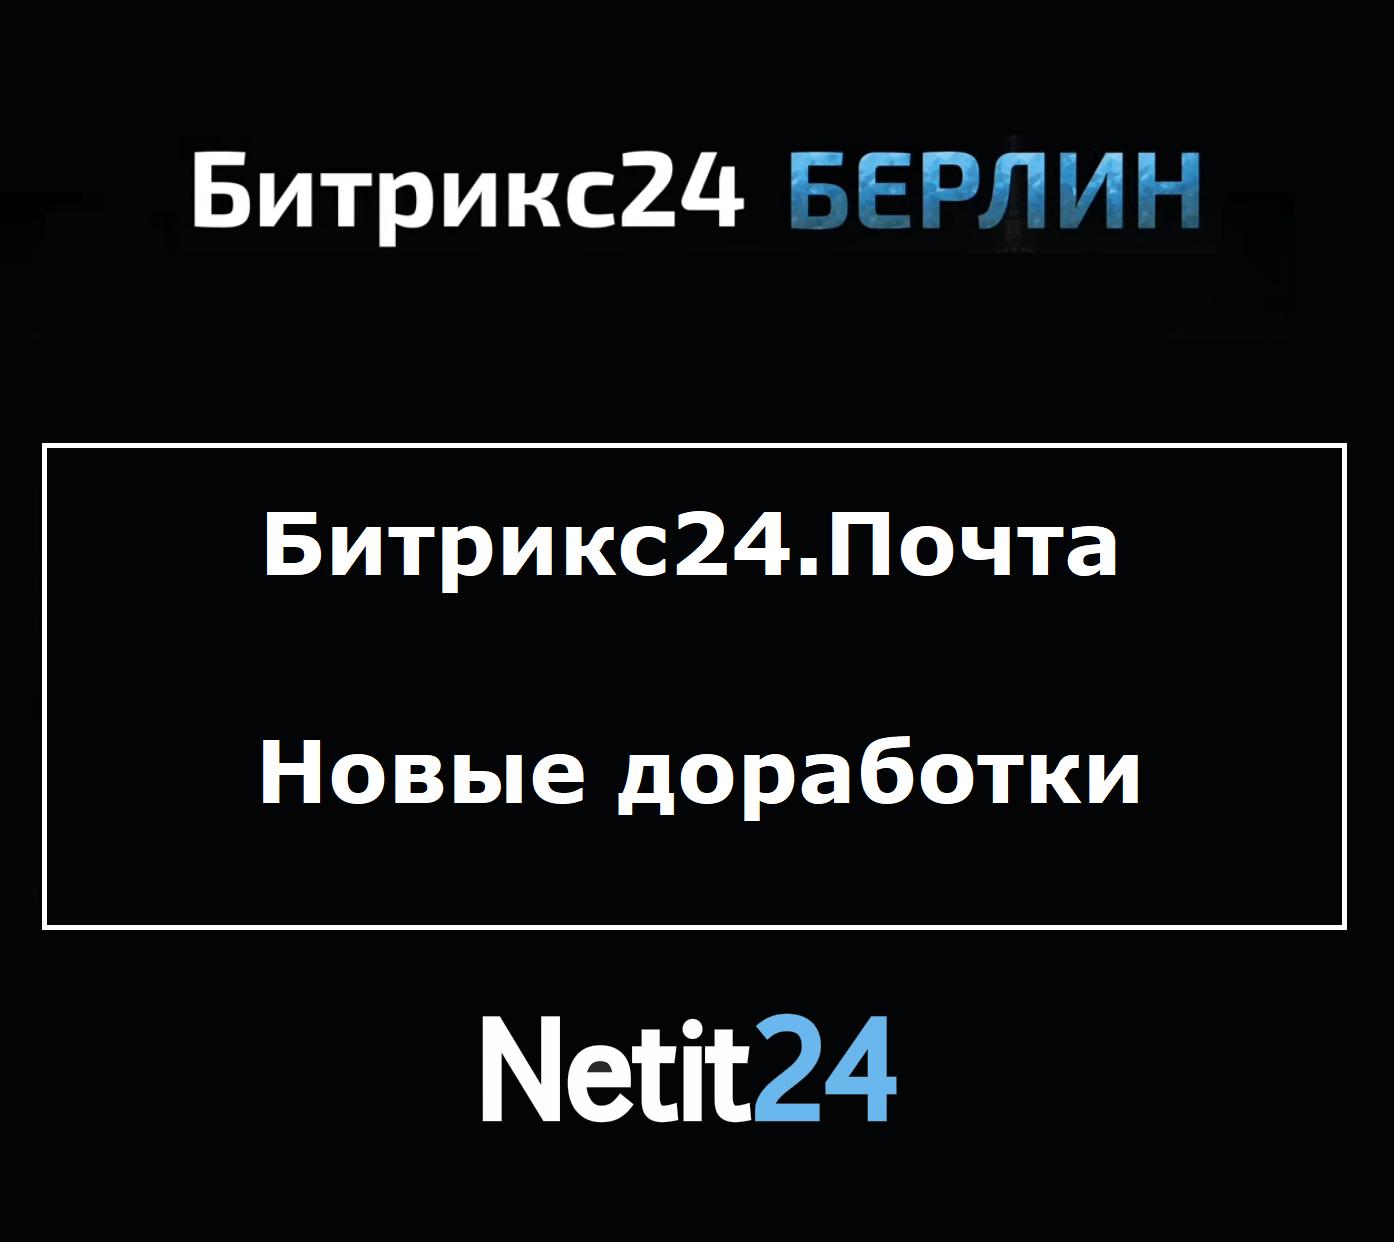 Исправления и новинки в почте от Битрикс 24 Netit24 Битрикс24.Берлин